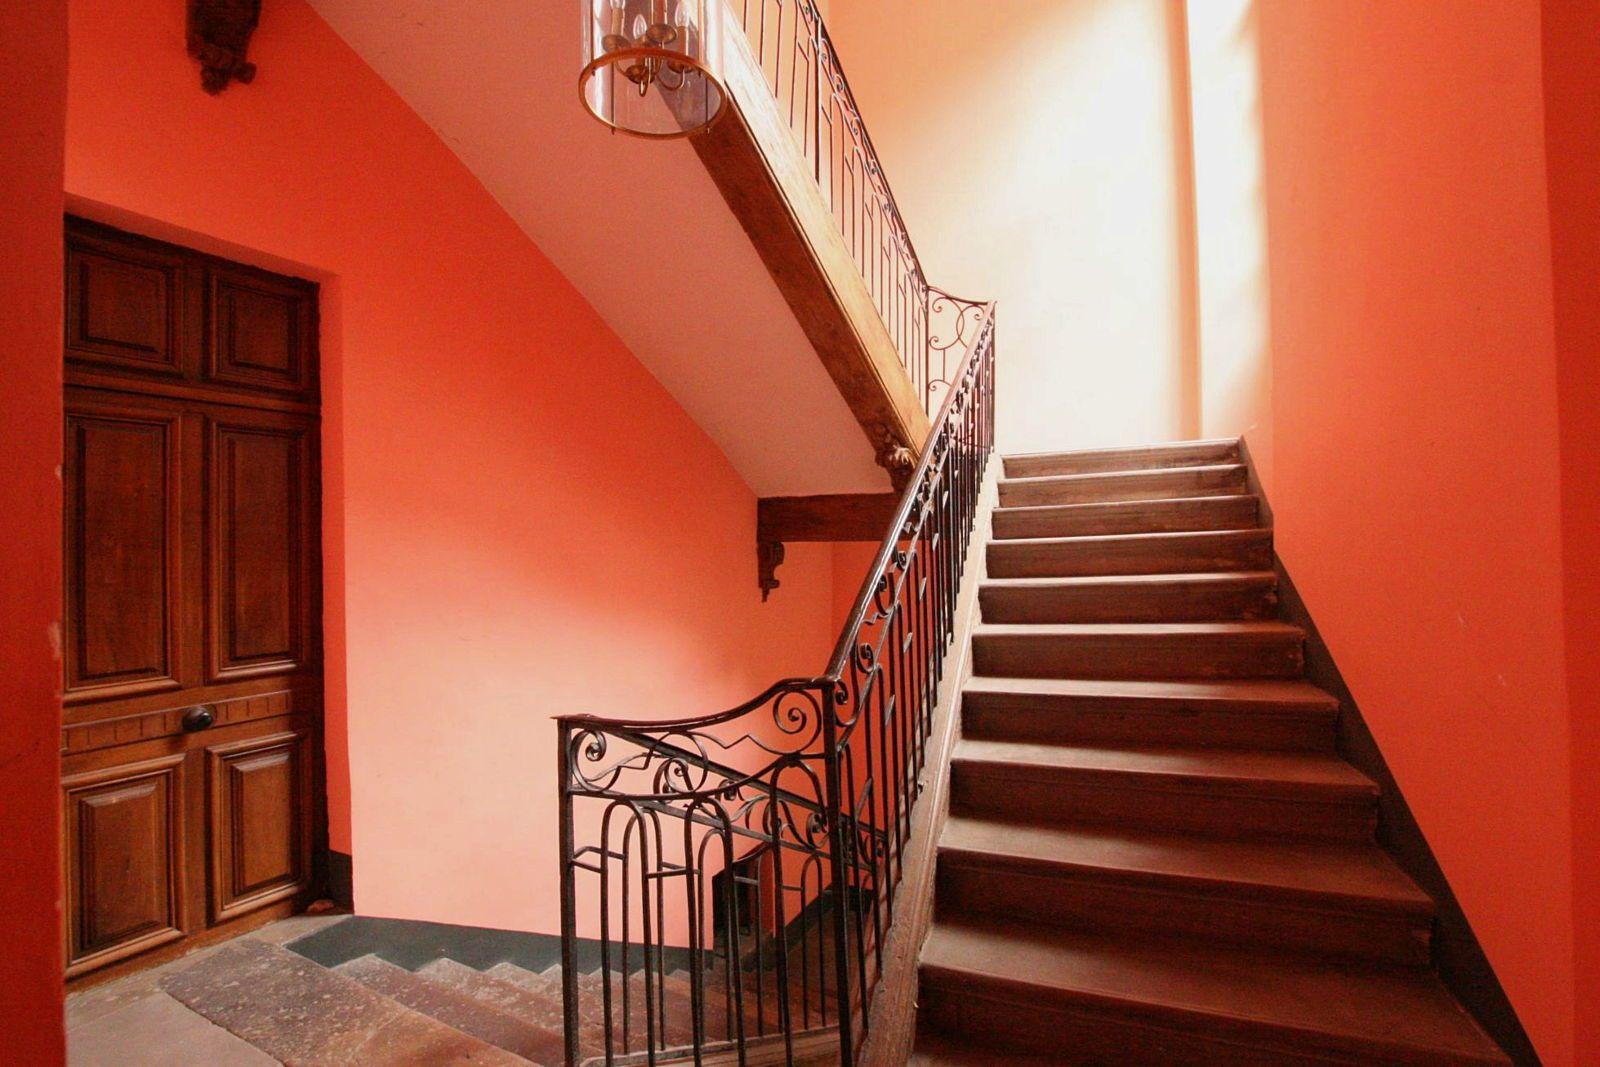 Vends appartement ancien 250m² et terrasse, Valence (26) centre